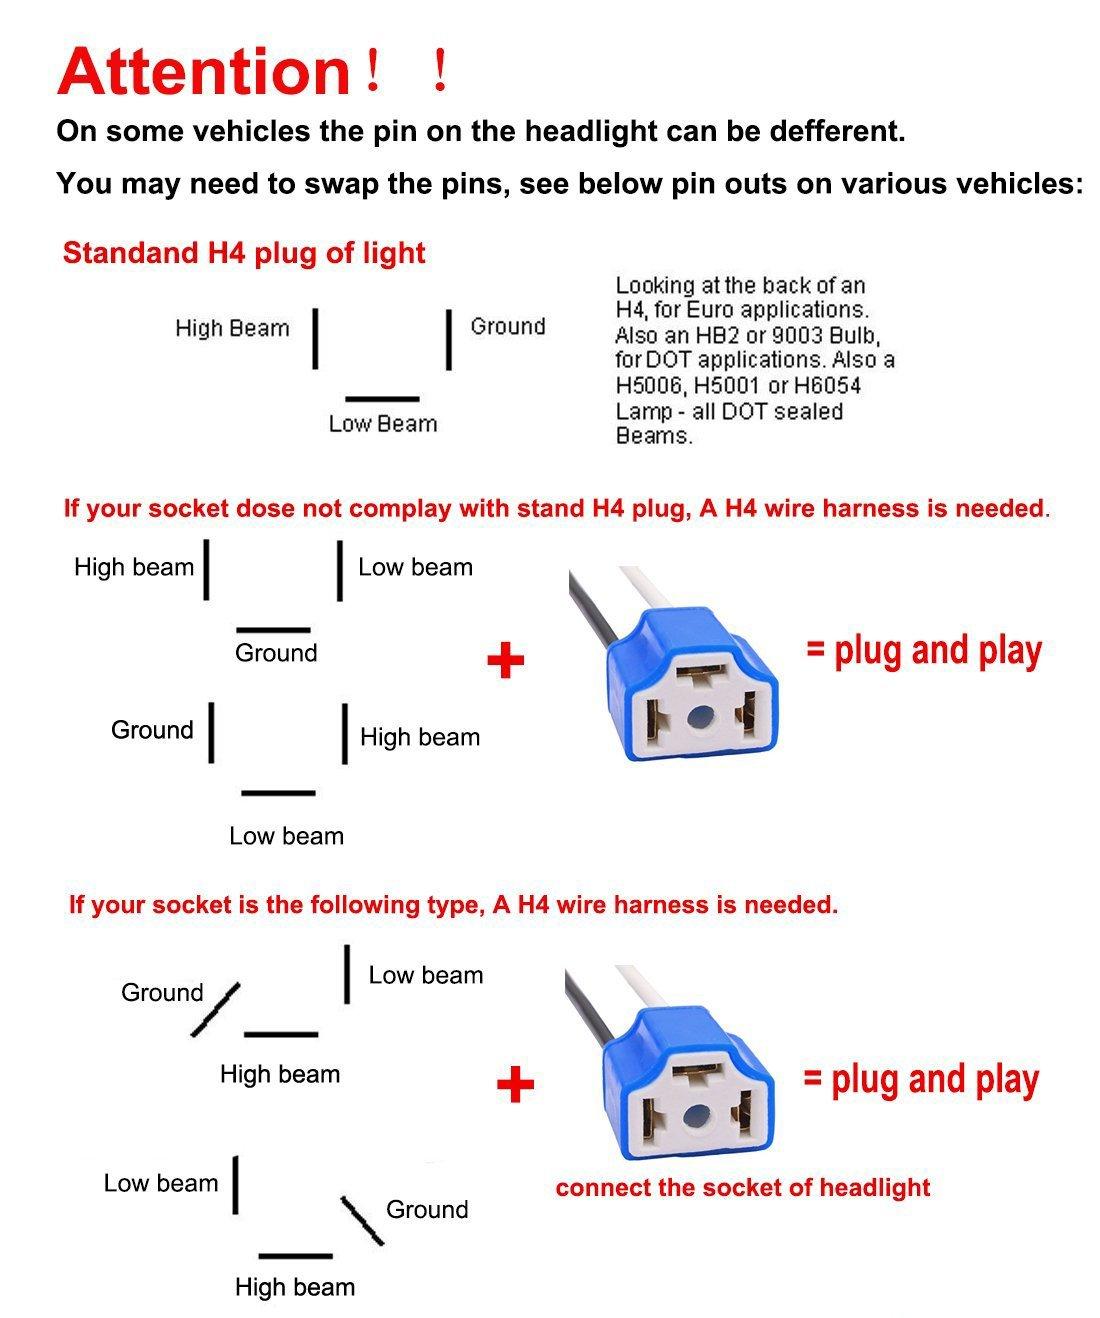 H6054 Wiring Diagram | Wiring Diagram on